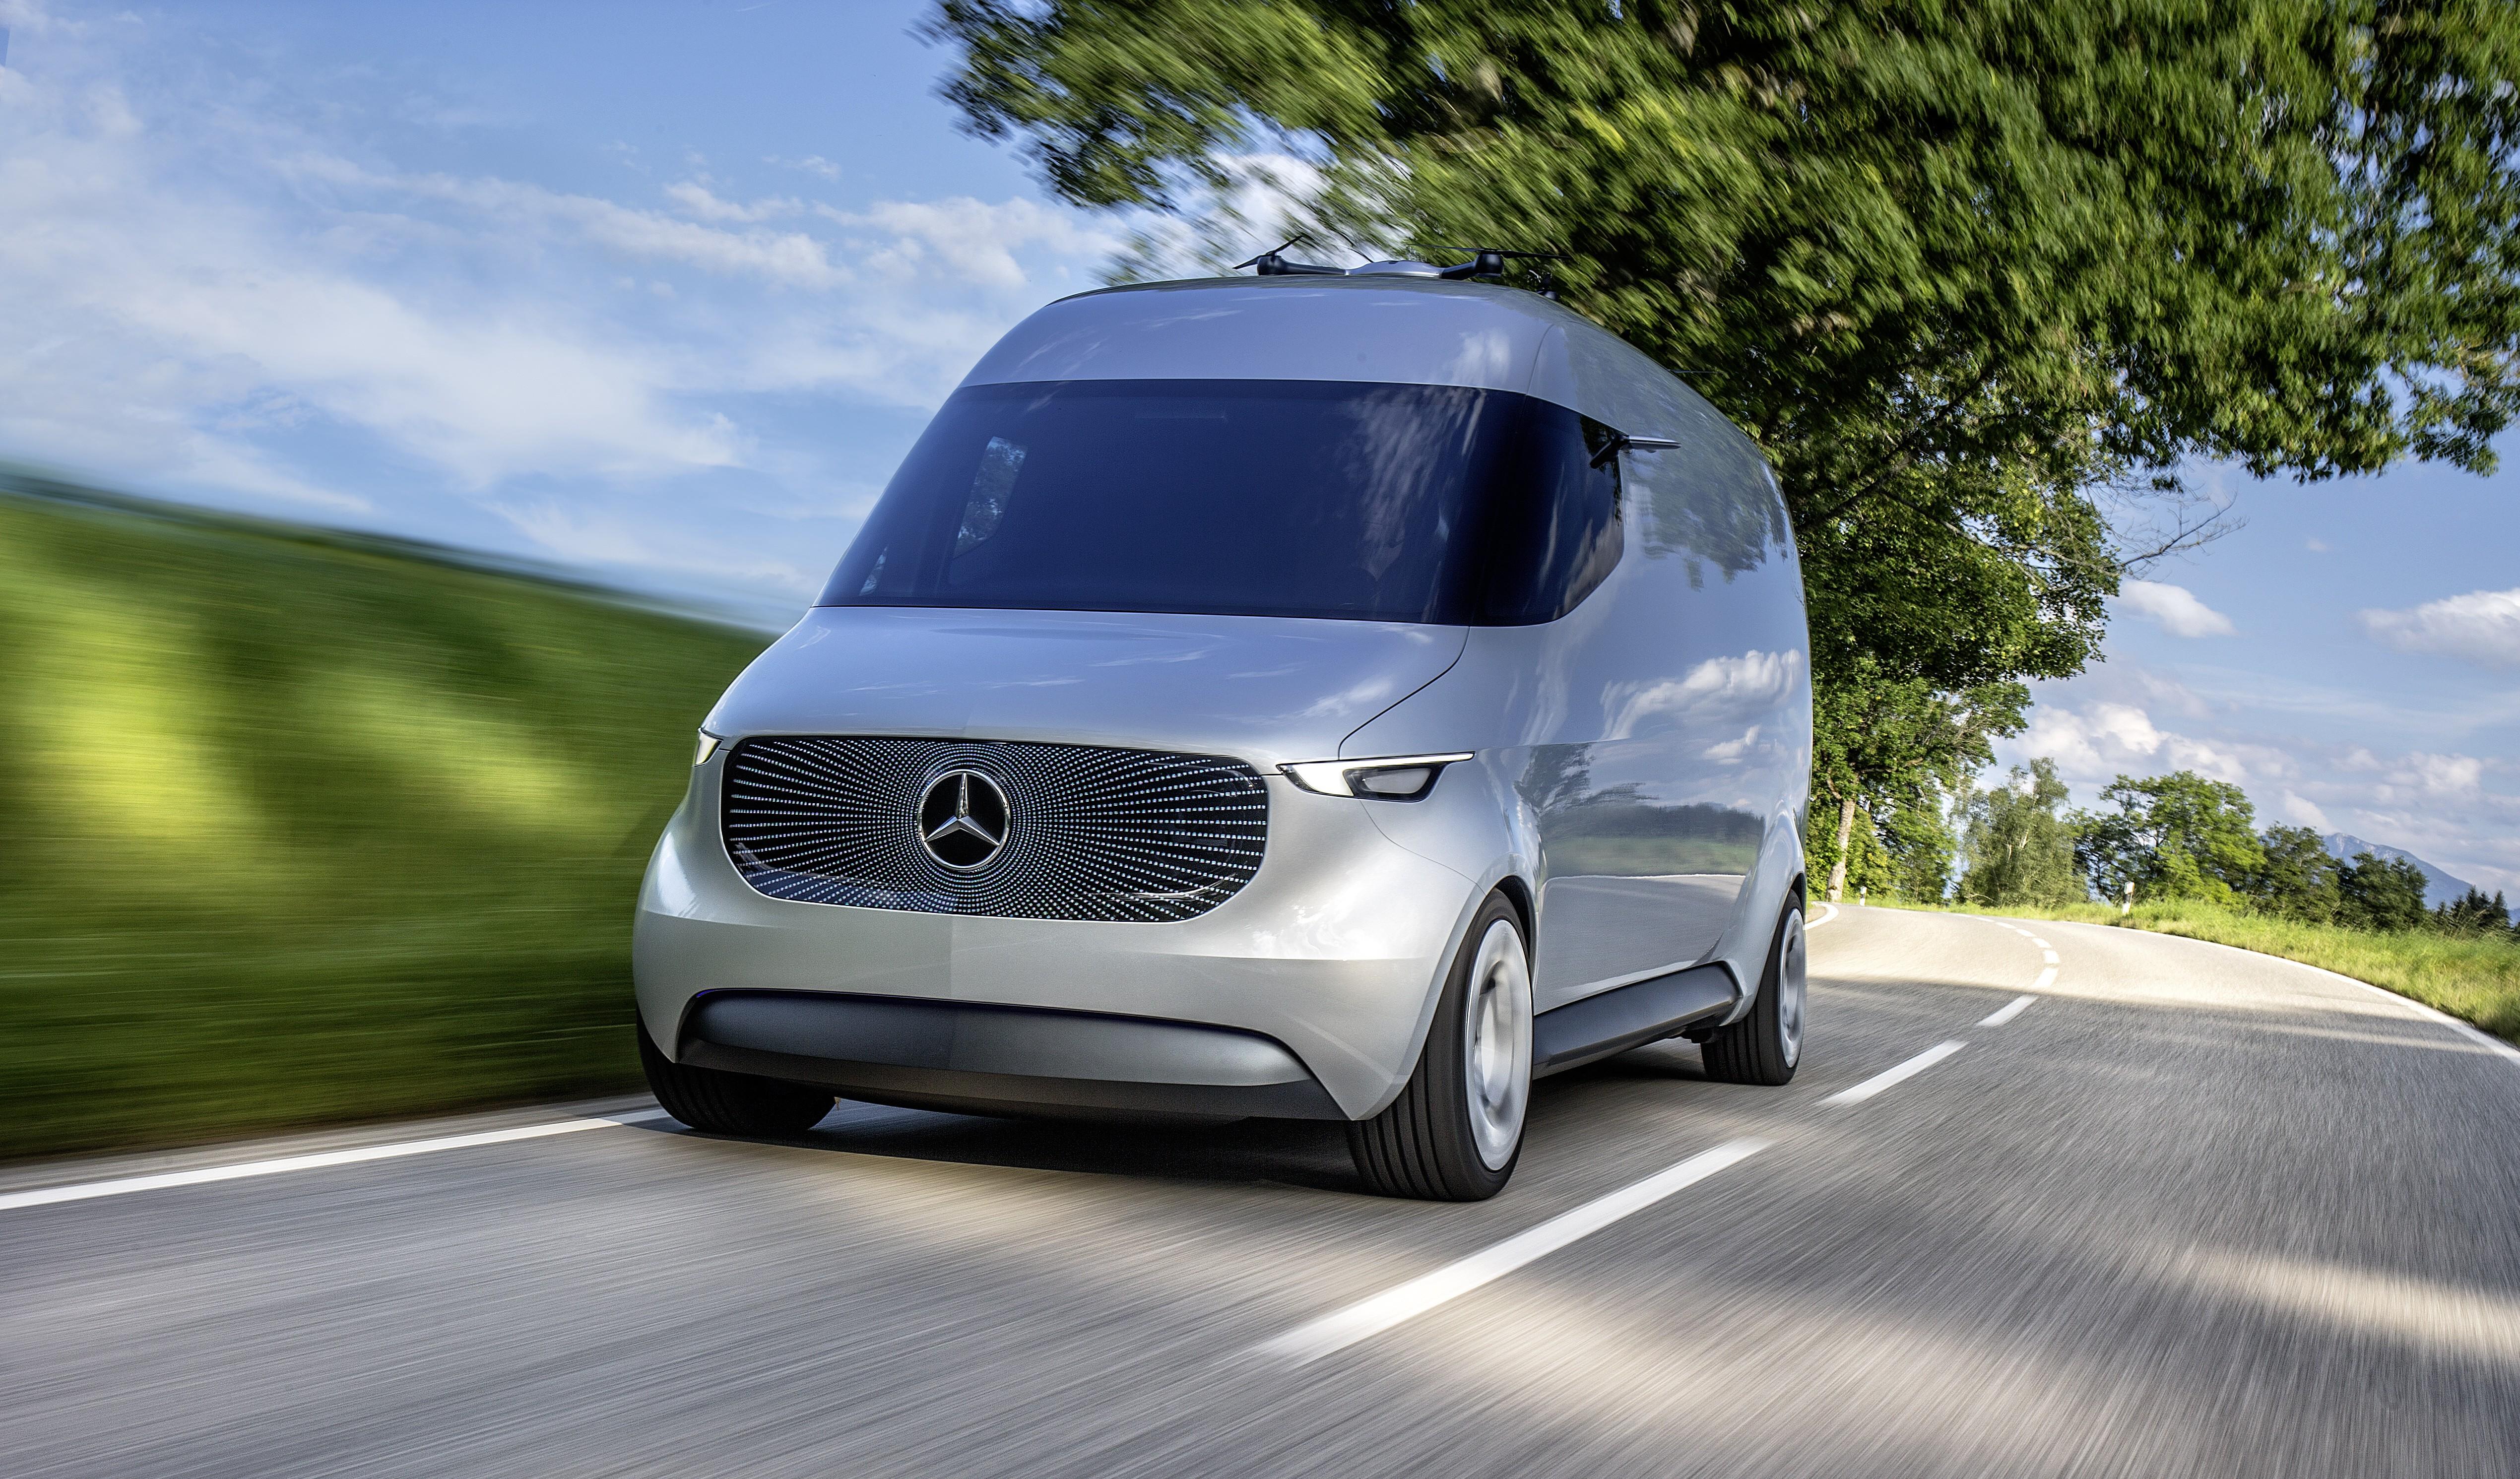 Mercedes-Benz Presents Vision Van, An Autonomous Electric ...